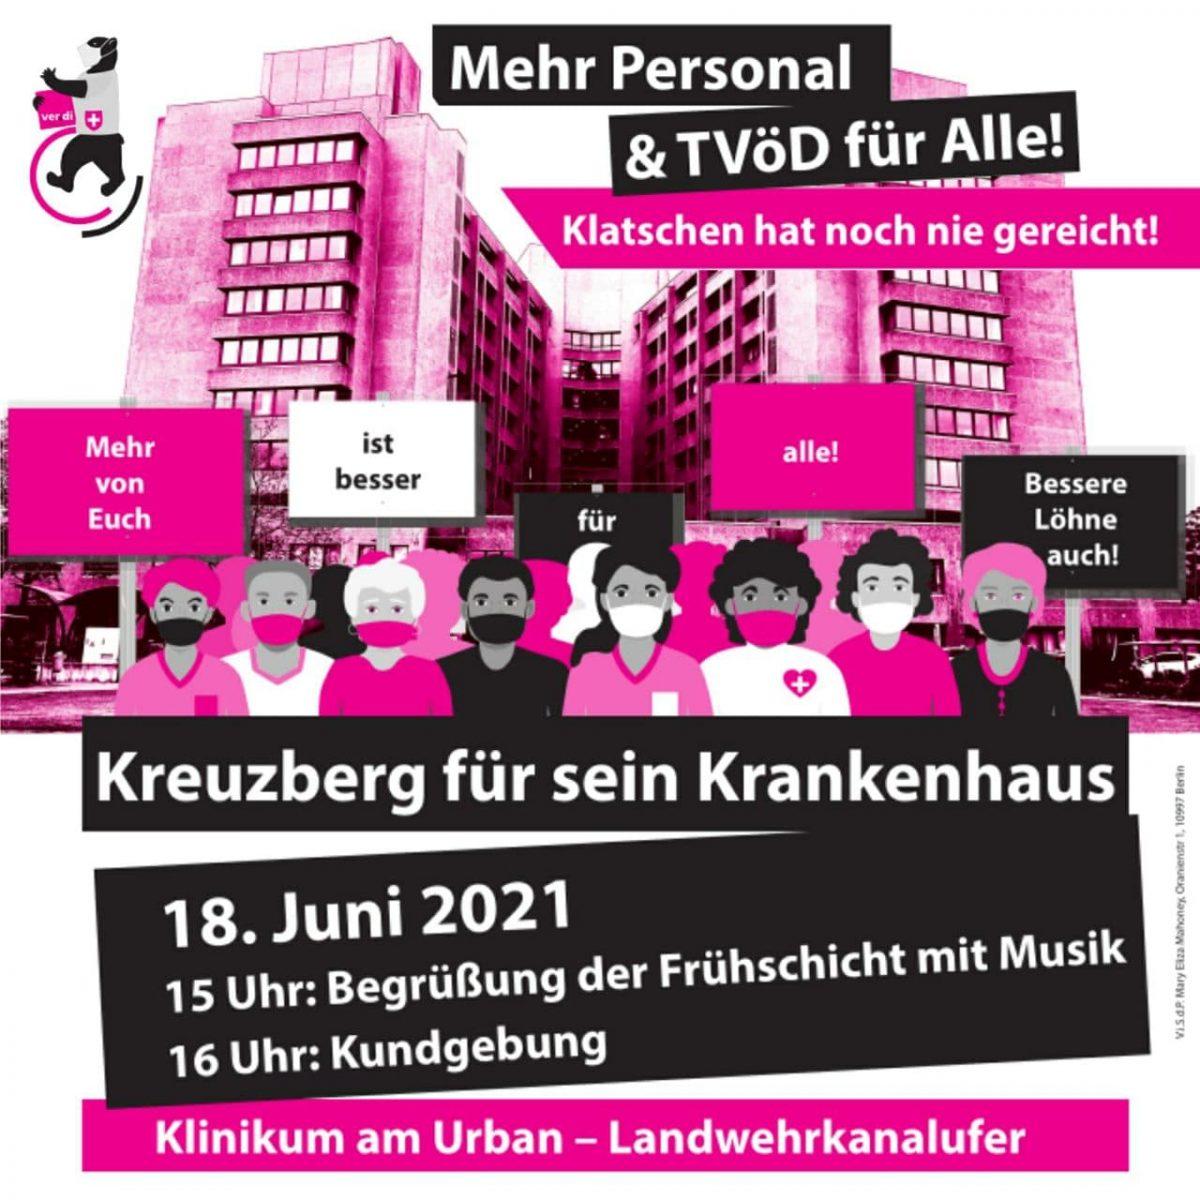 Presseeinladung: Gesundheit und Wohnen dürfen keine Ware sein – Kundgebung am 18.6. um 16 Uhr vor dem Urban-Klinikum